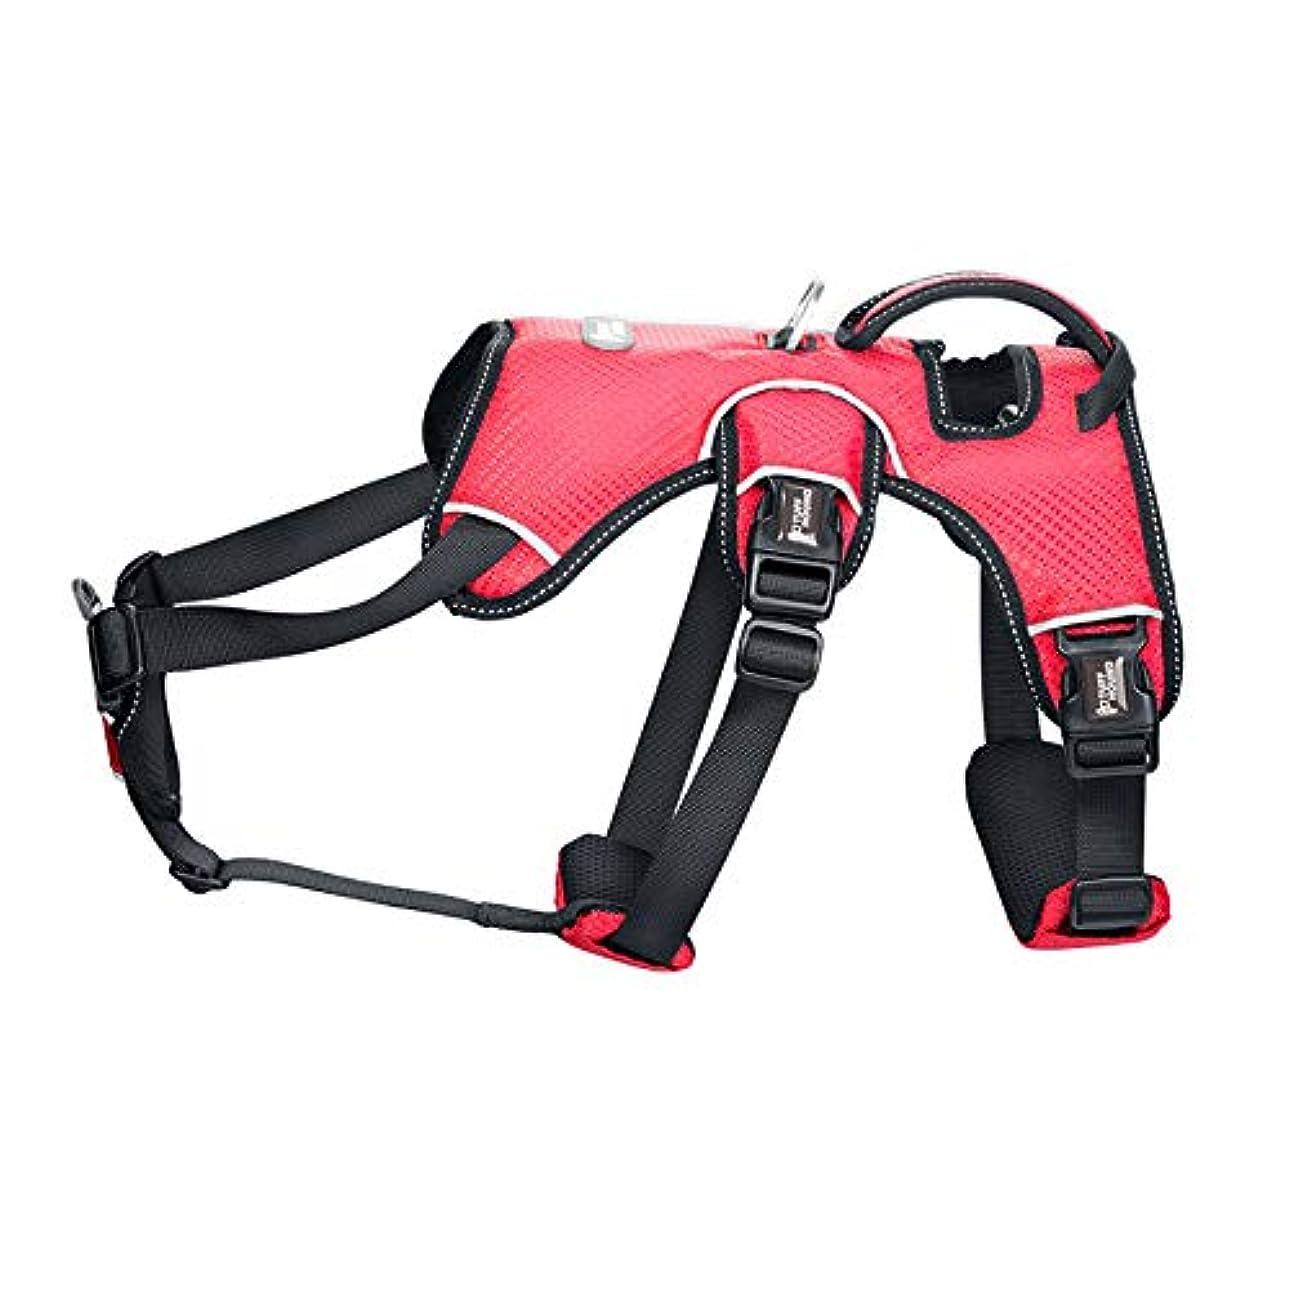 最高注意削る犬調節可能なペットハーネス犬用トレーニング首輪ベストハーネスウォーキングペットハンドリーシュ牽引ロープ付き犬用チェストストラップ中型大型犬用リーシュ (Red,XL)